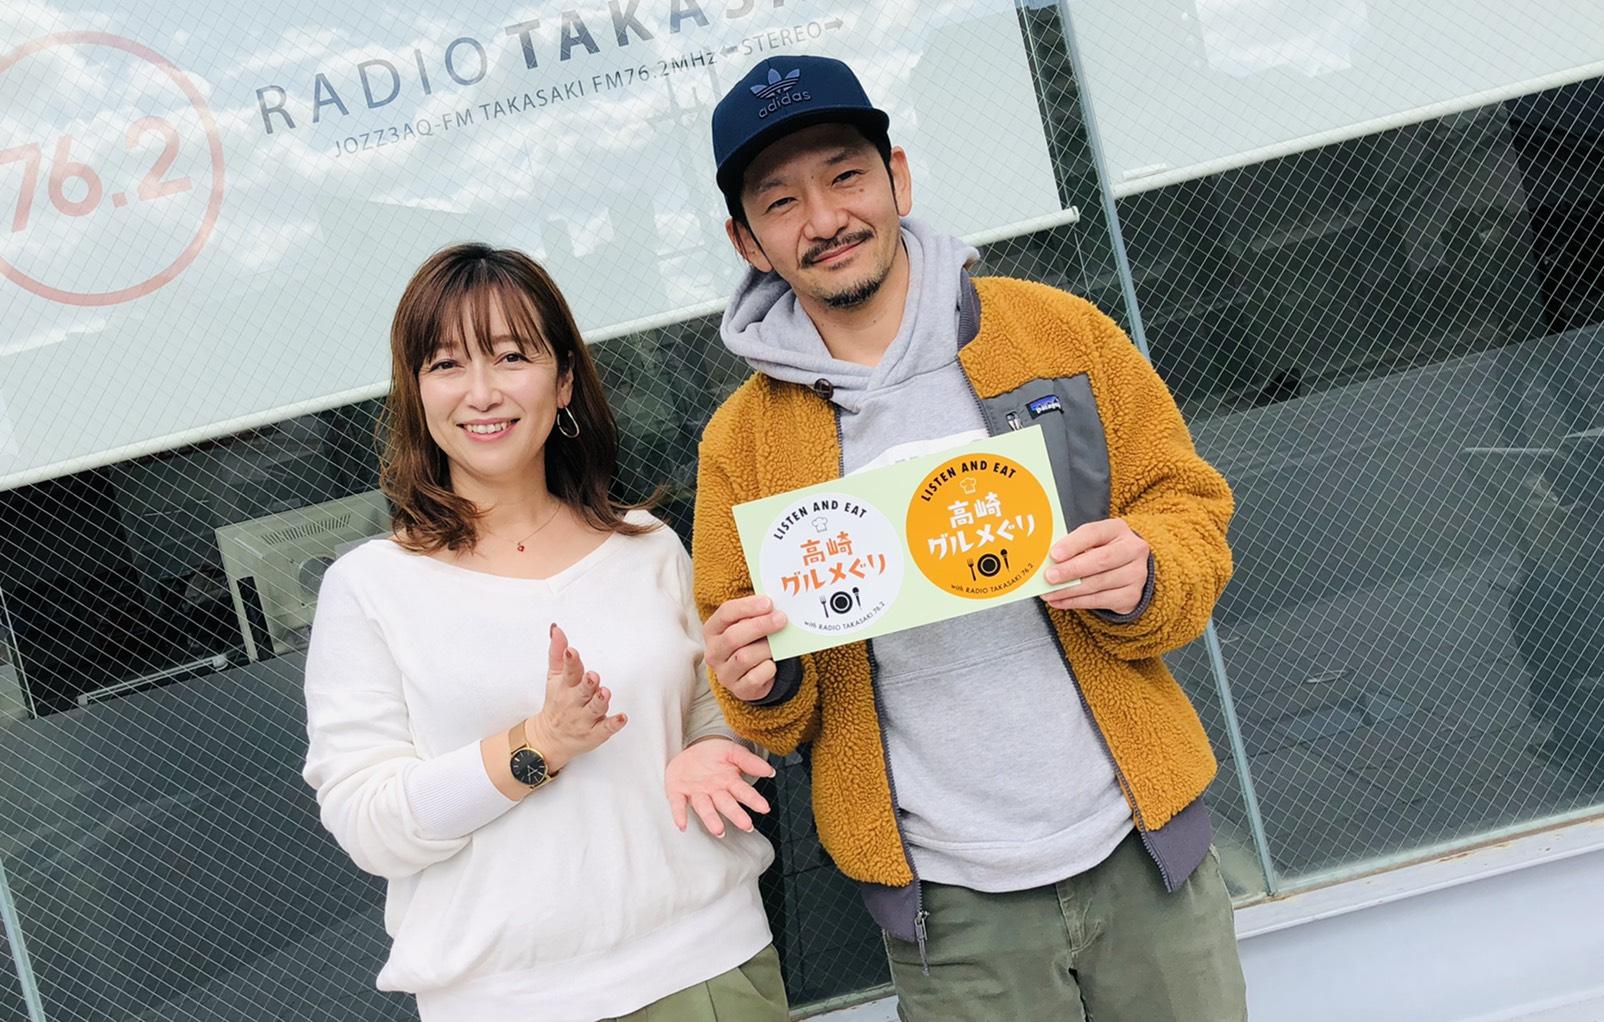 ゲンセンソザイ商店イスウ【飯塚町・令和2年11月19日(木)放送】